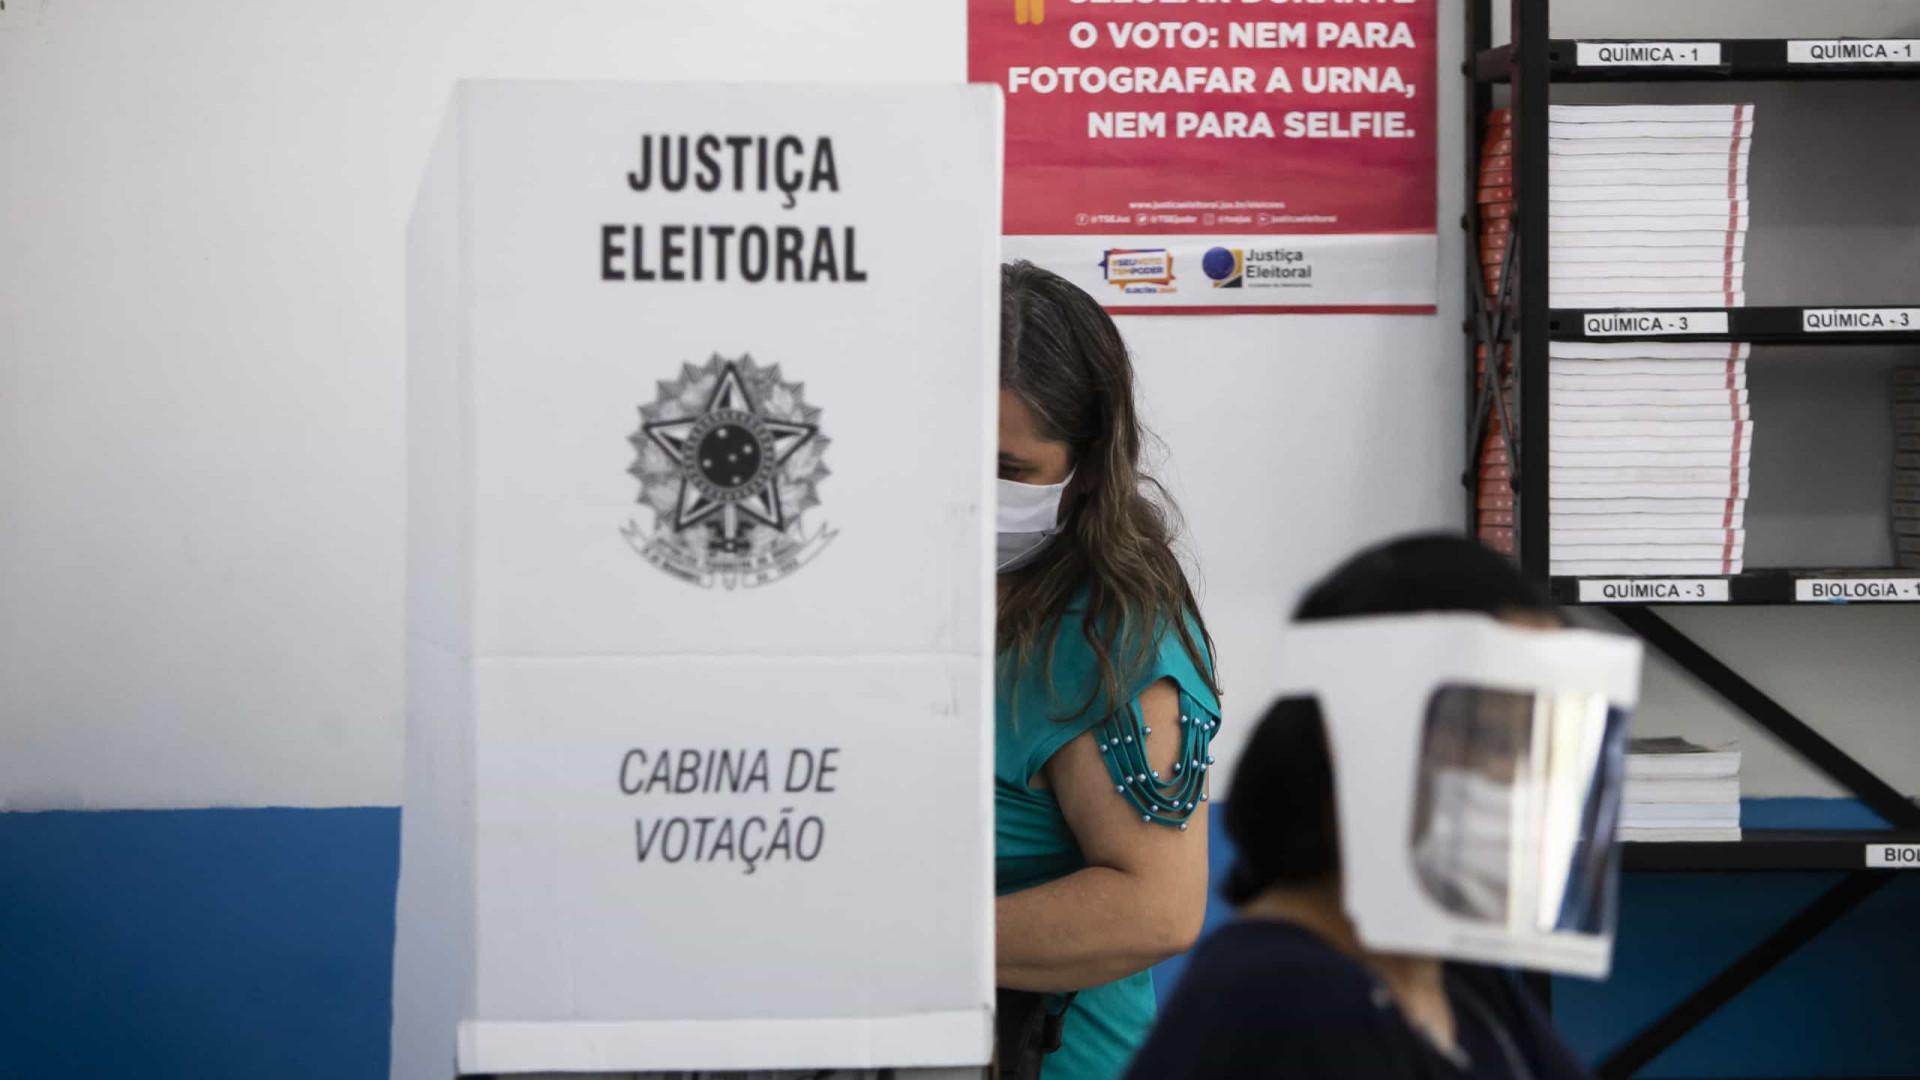 OEA faz críticas em série à Justiça Eleitoral após primeiro turno